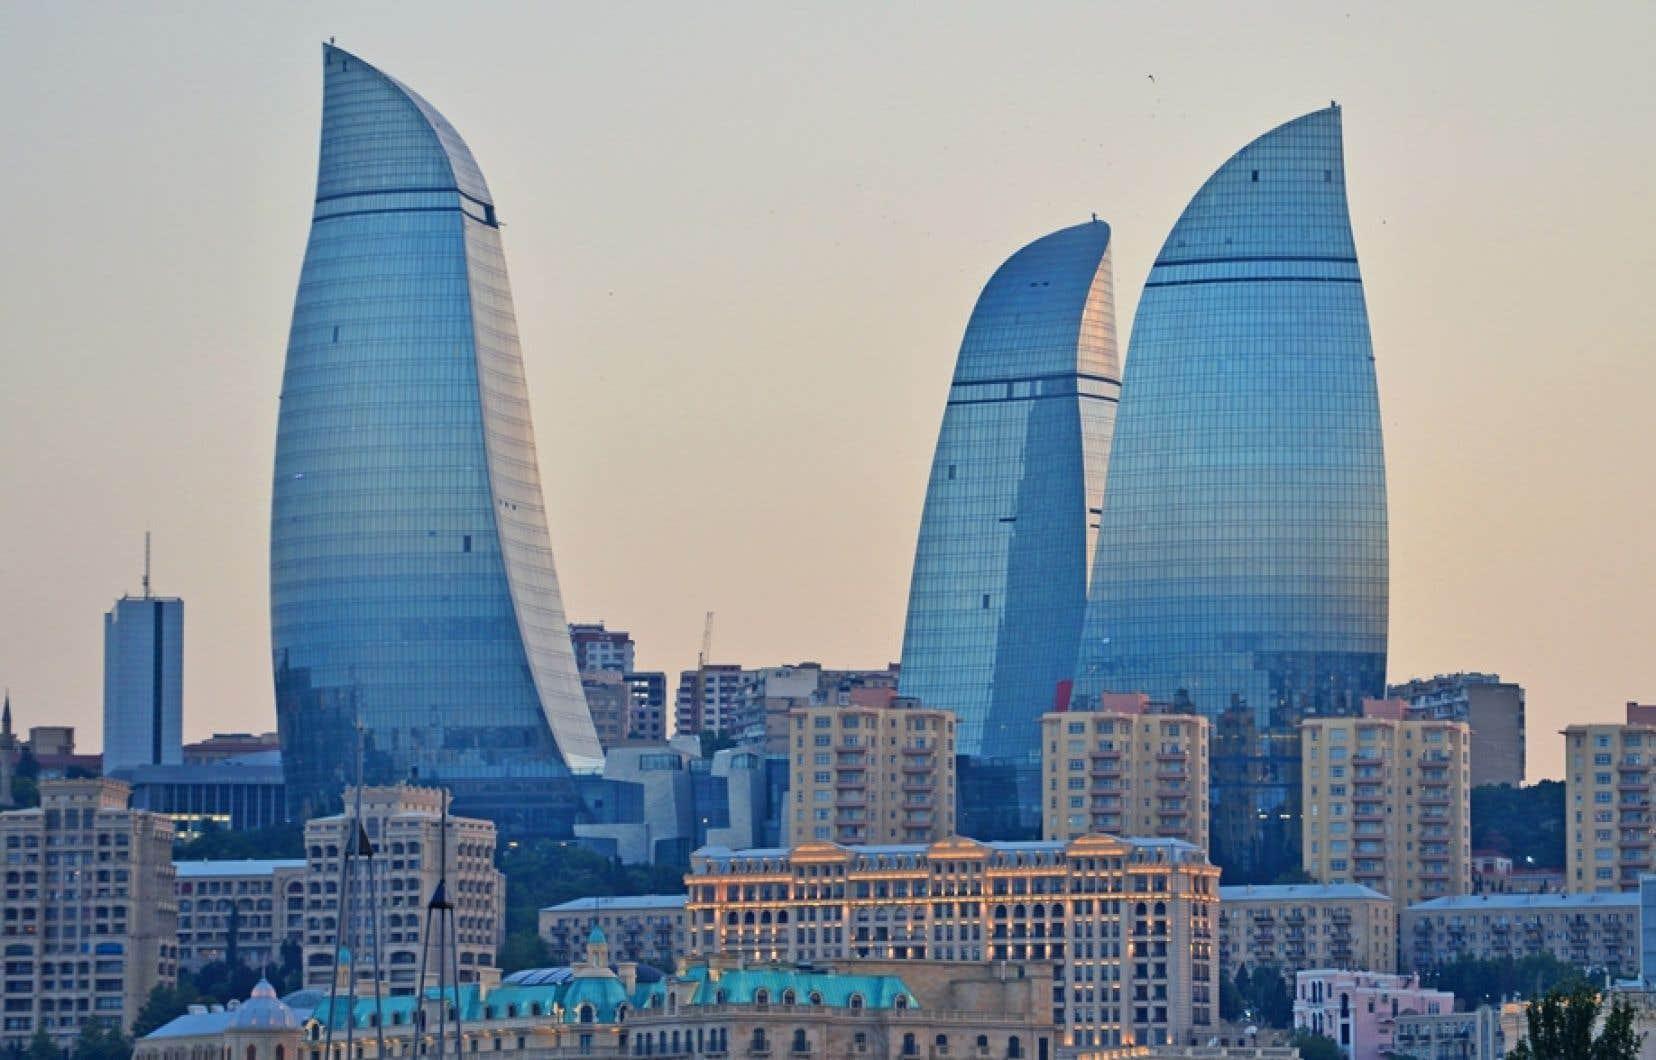 Le complexe résidentiel des Flame Towers, construit près d'une mosquée à Bakou, capitale de l'Azerbaïdjan.